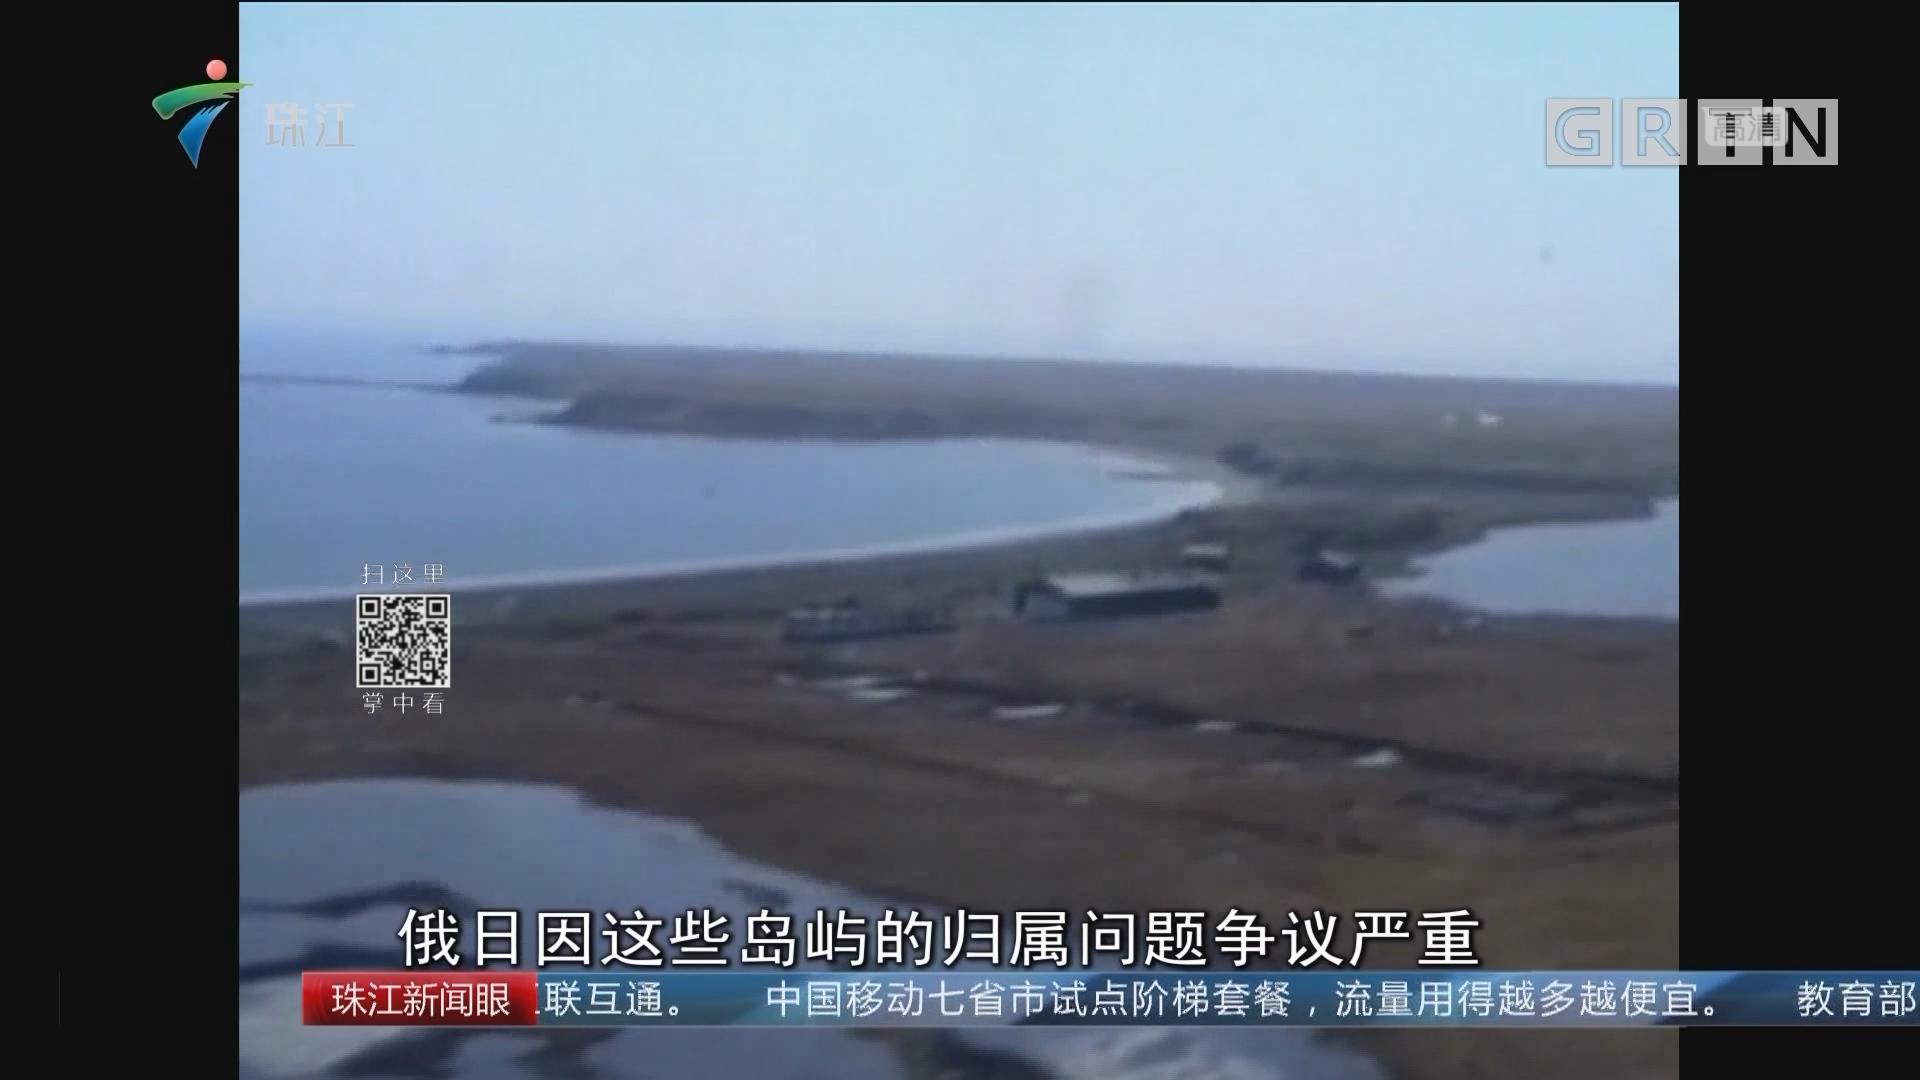 俄罗斯:不会向日本移交南千岛群岛